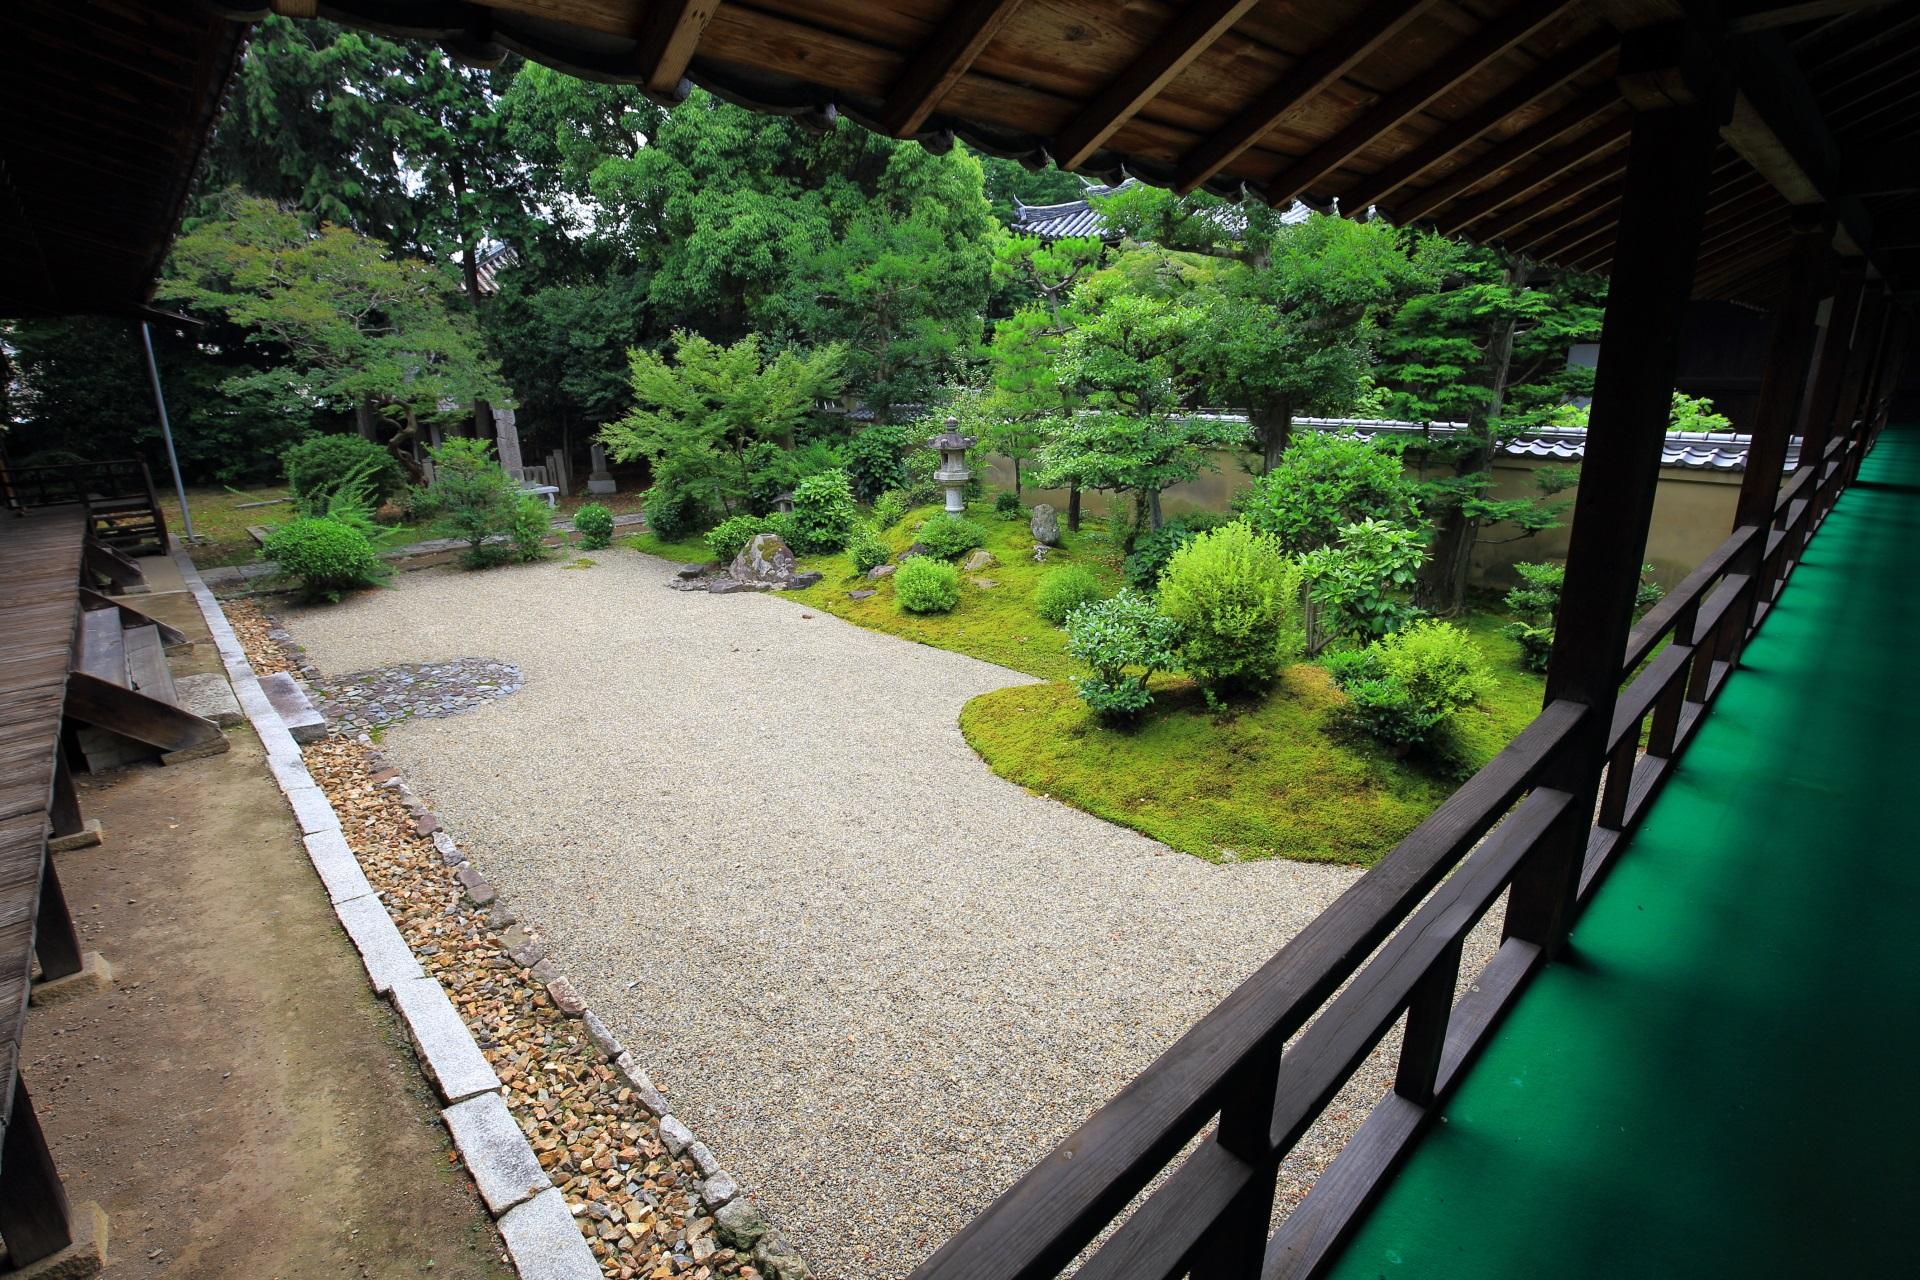 白砂と緑の美しい立本寺の庭園